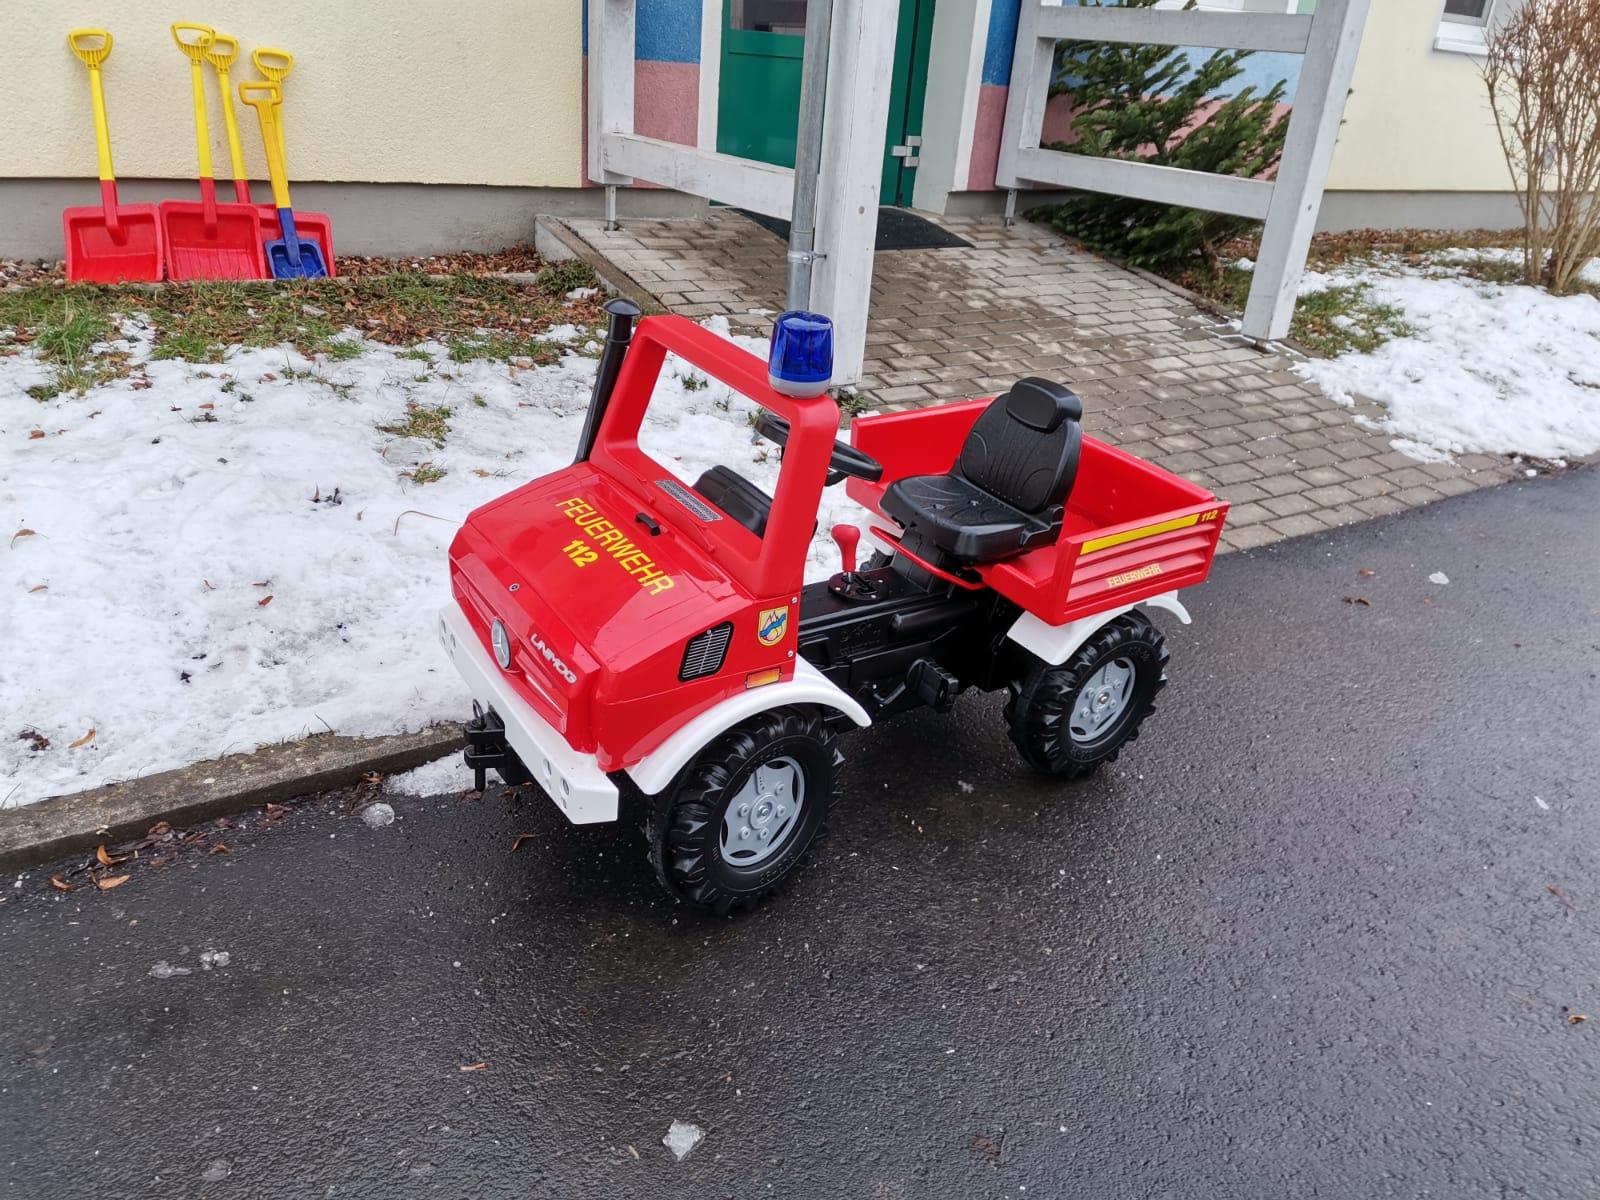 Neues Feuerwehr-Trampelfahrzeug